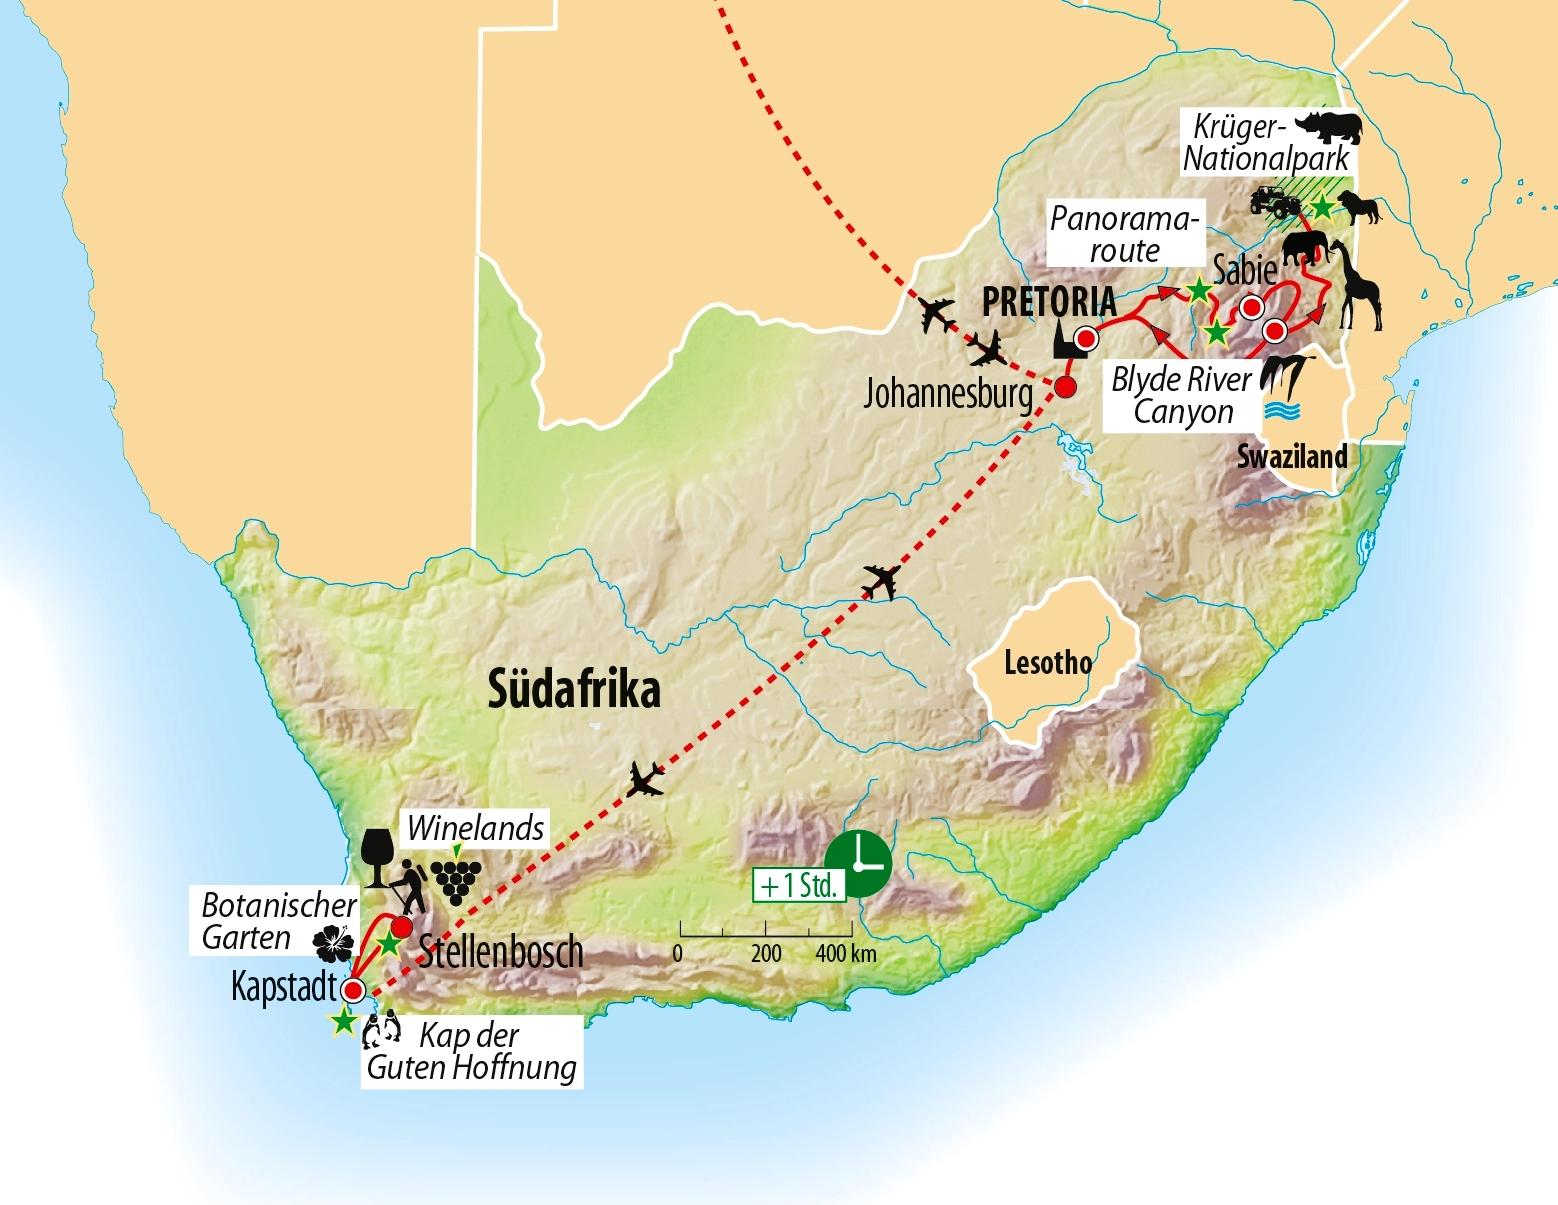 Rundreise Weihnachten 2019.Reise Südafrika Weihnachten Silvester Saison 2019